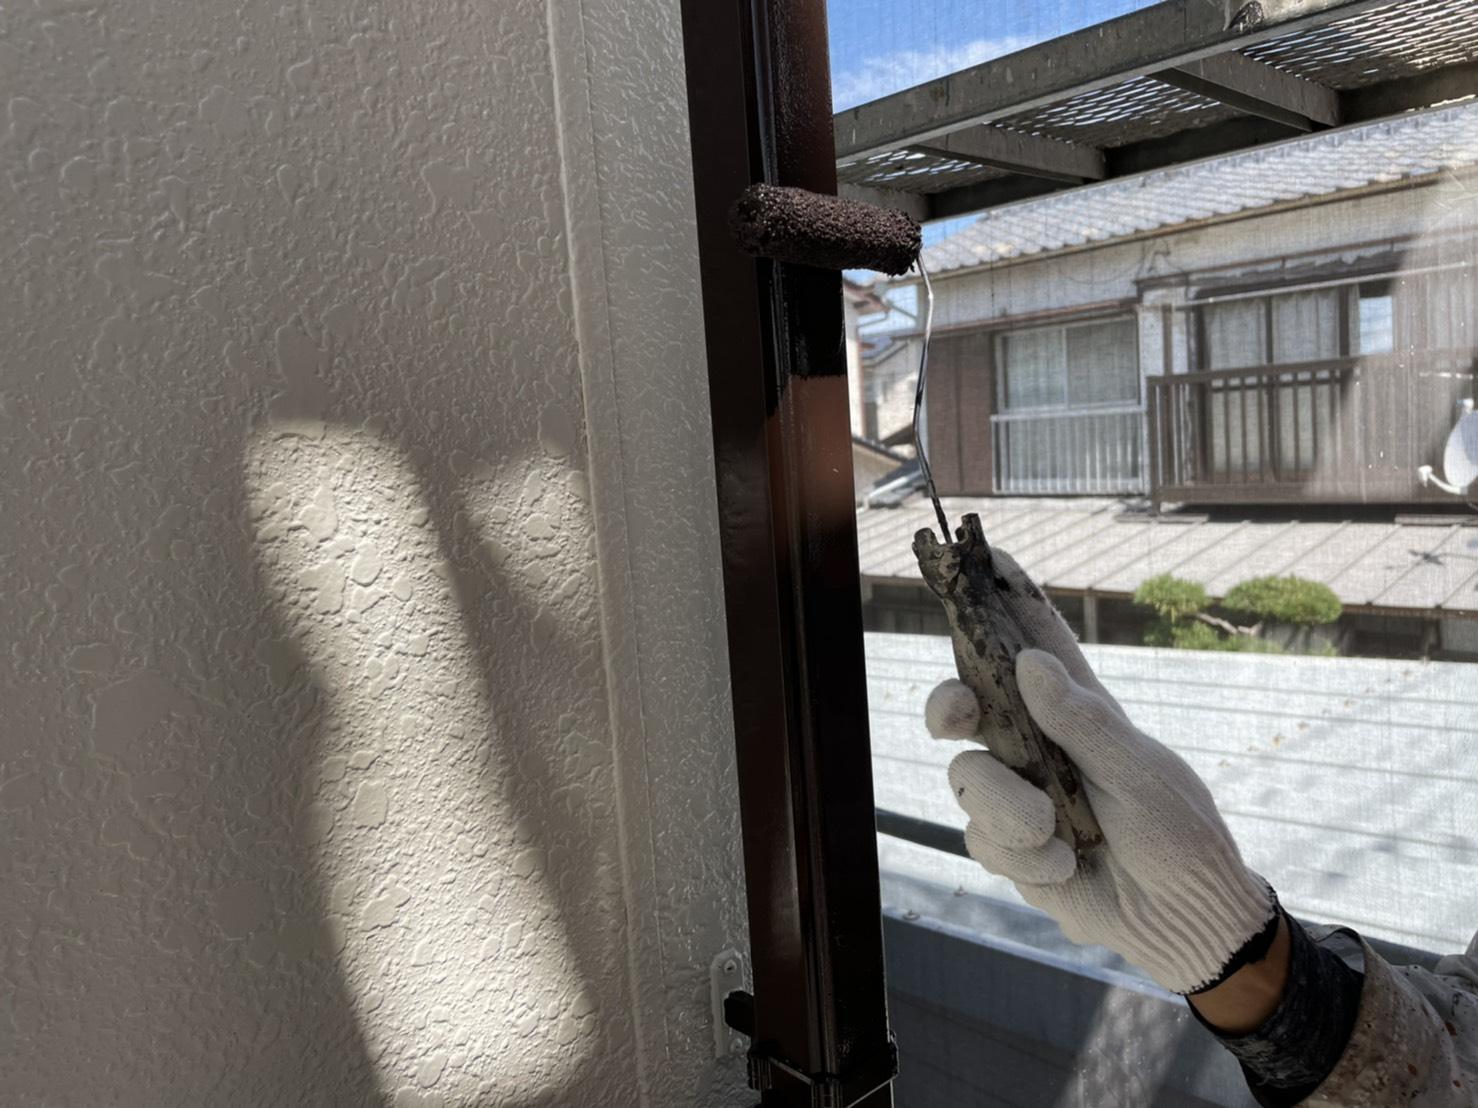 佐賀市 外壁塗装 塗るばい サニー建設商事 サニケン さにけん 雨樋塗装 雨樋 塗装